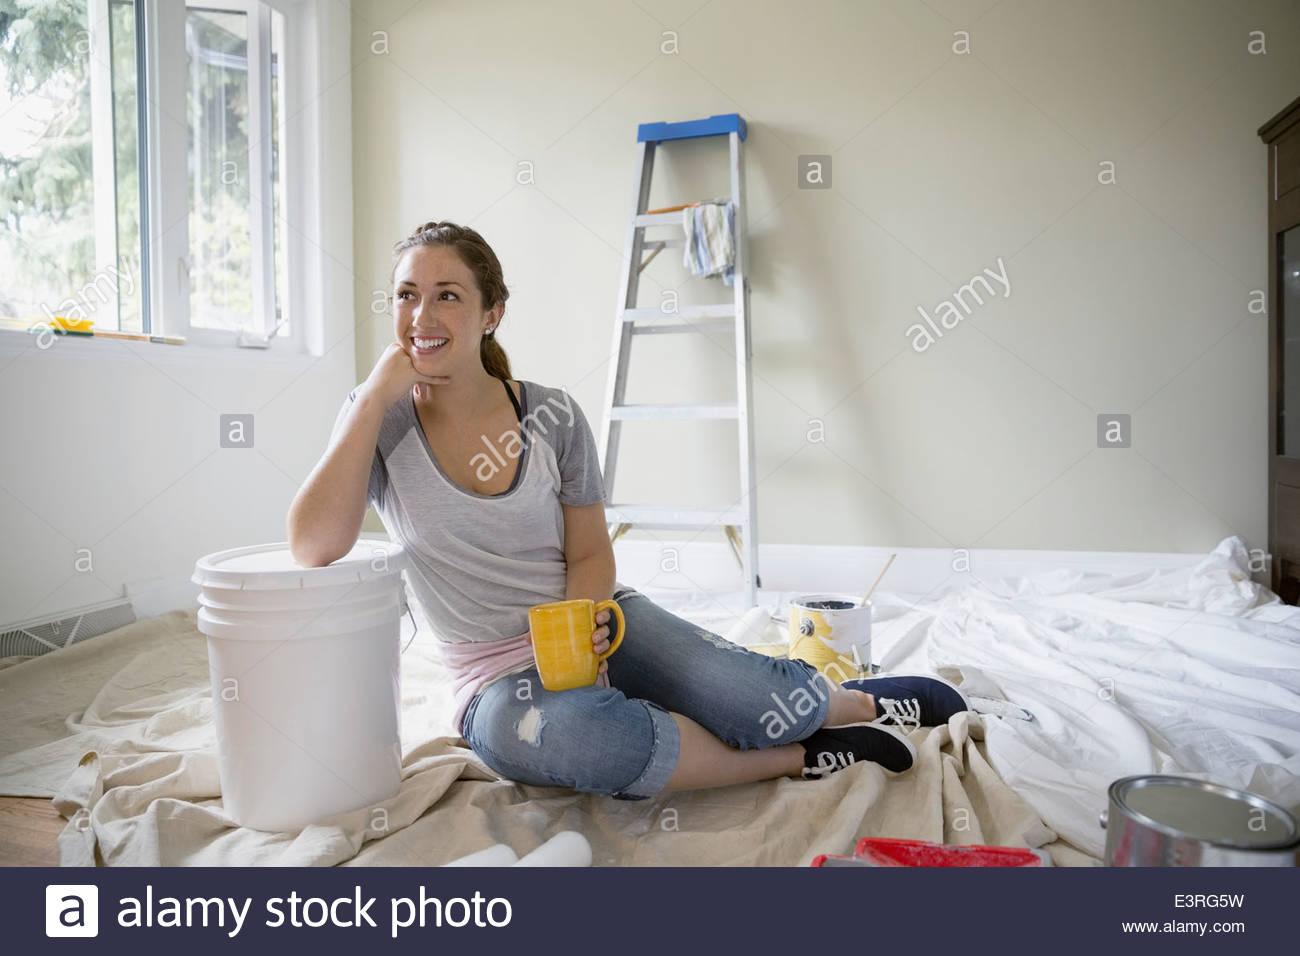 Mujer sonriente bebiendo café en tela caída de pintura Imagen De Stock